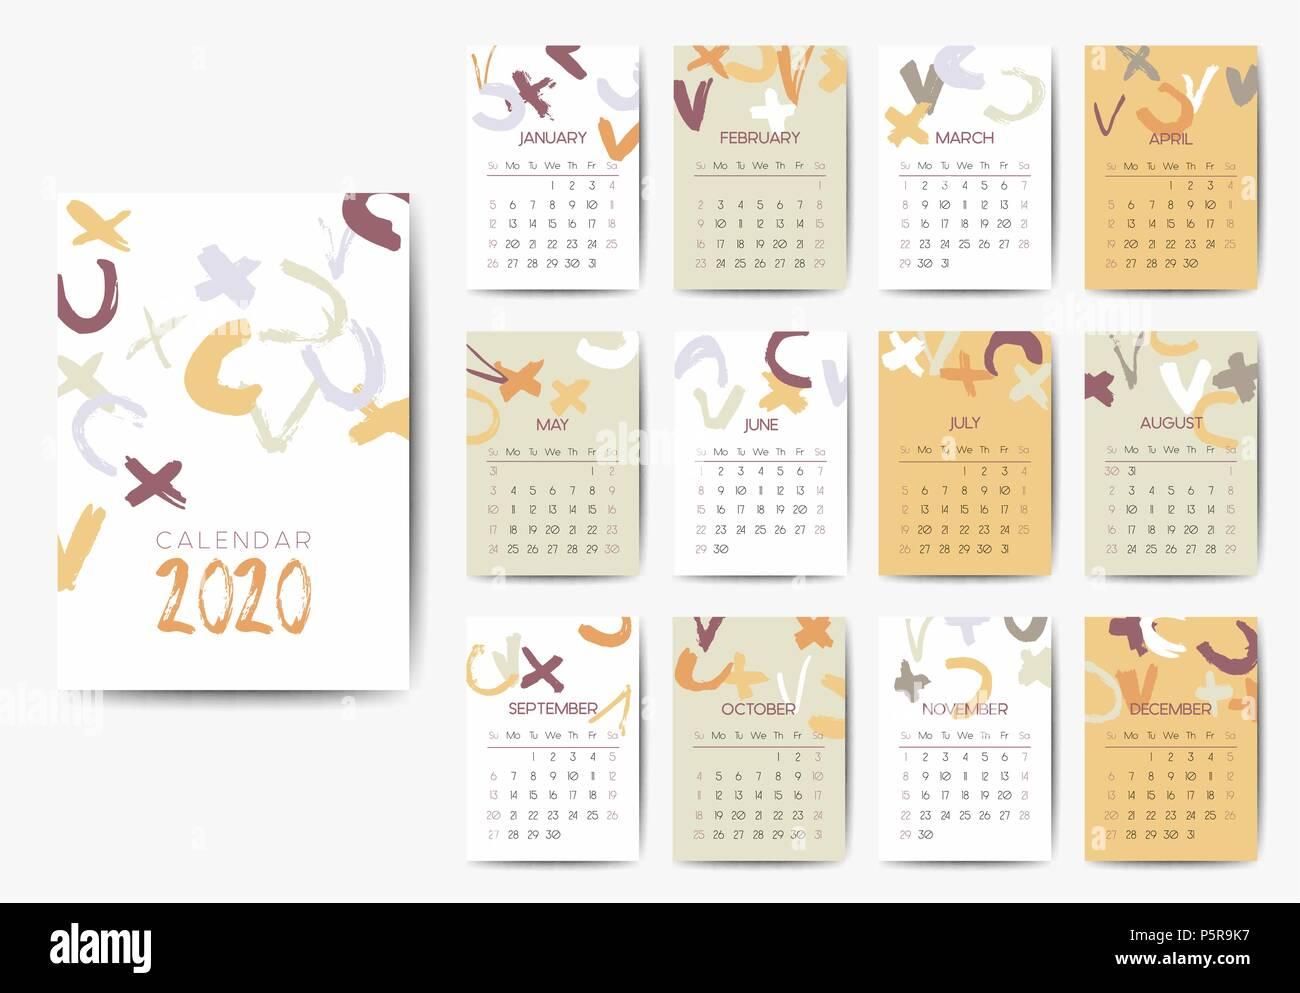 Calendario 2020 Com Feriados Para Impressao.Calendario Imprimible 2020